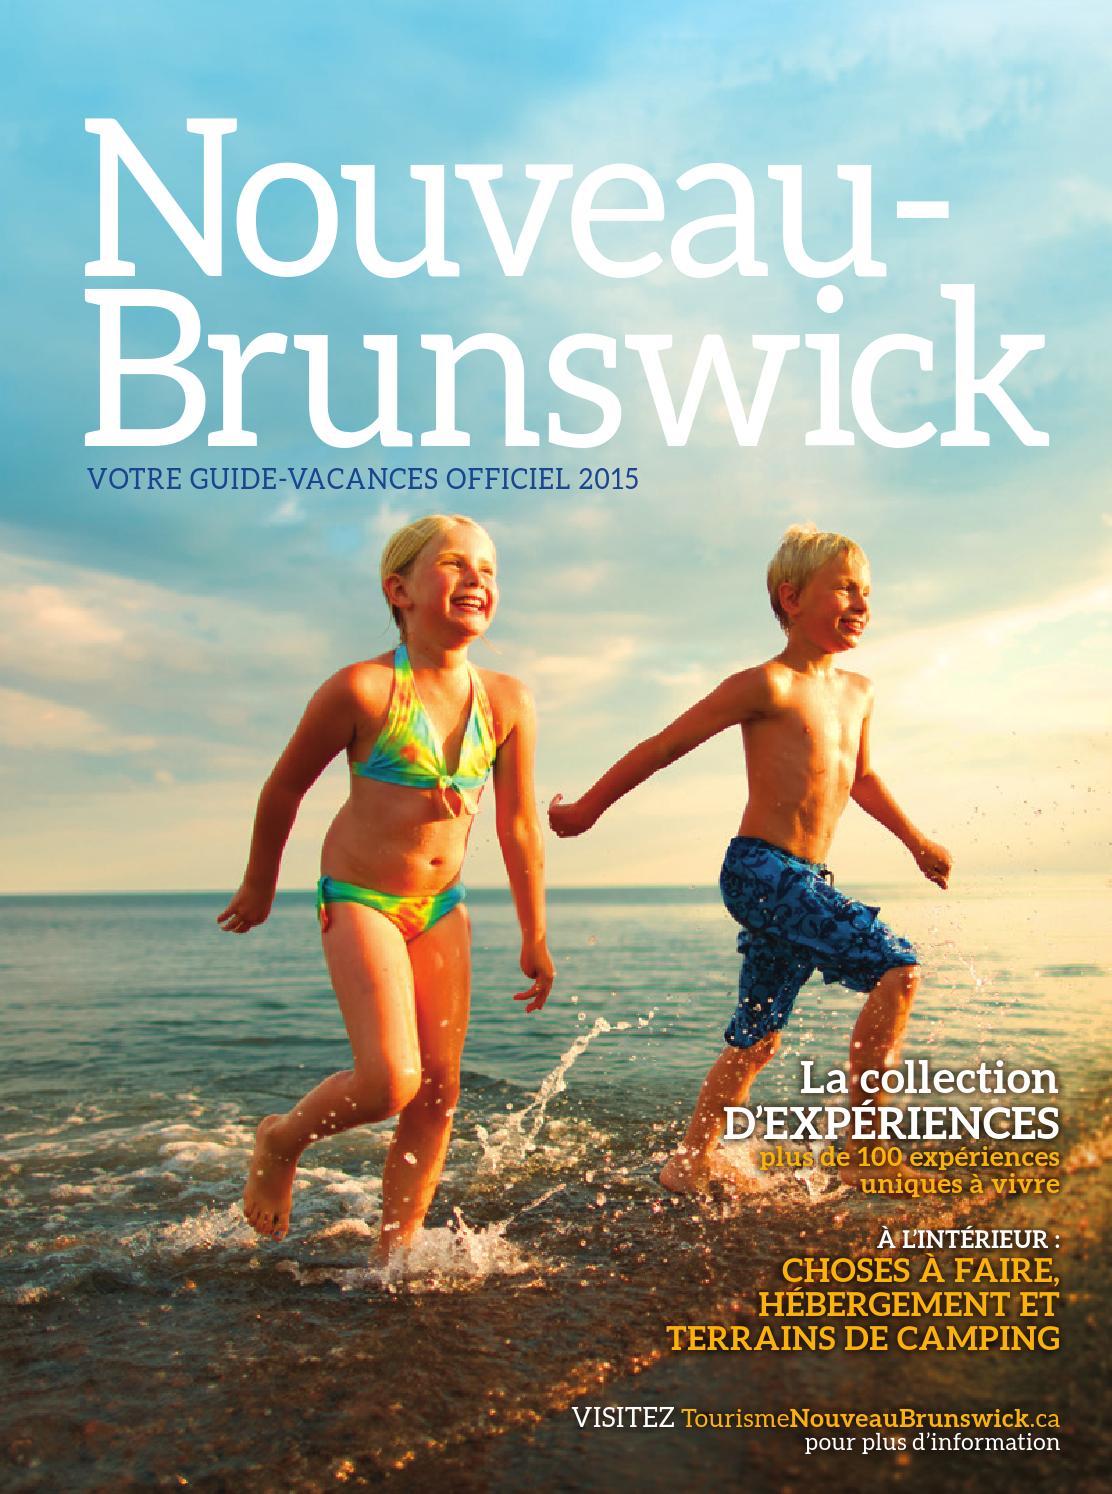 Votre guide vacances officiel 2015 du nouveau brunswick by ...